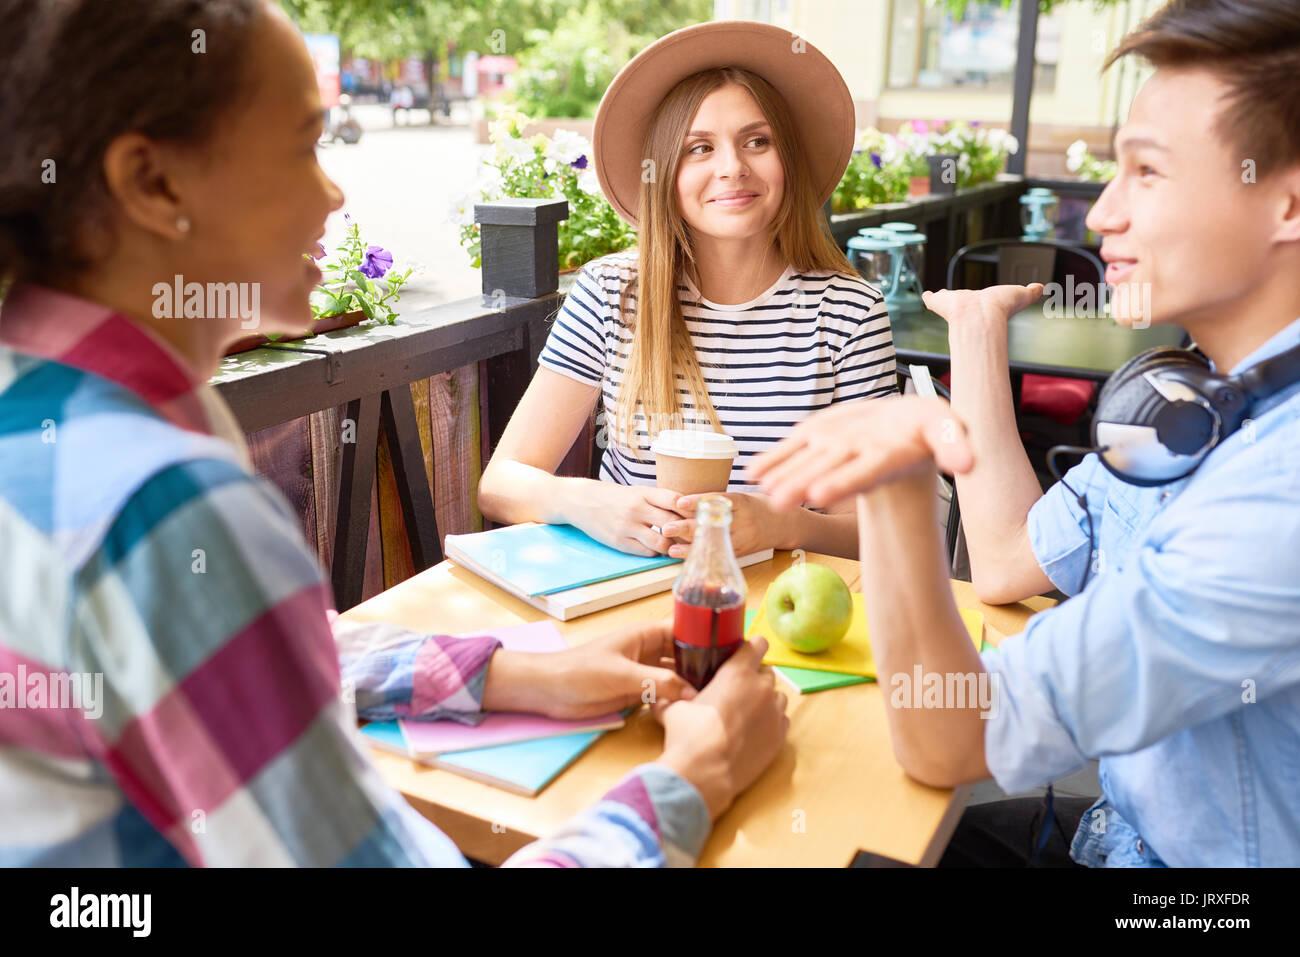 Studenten Mittagessen im Café im Freien Stockbild